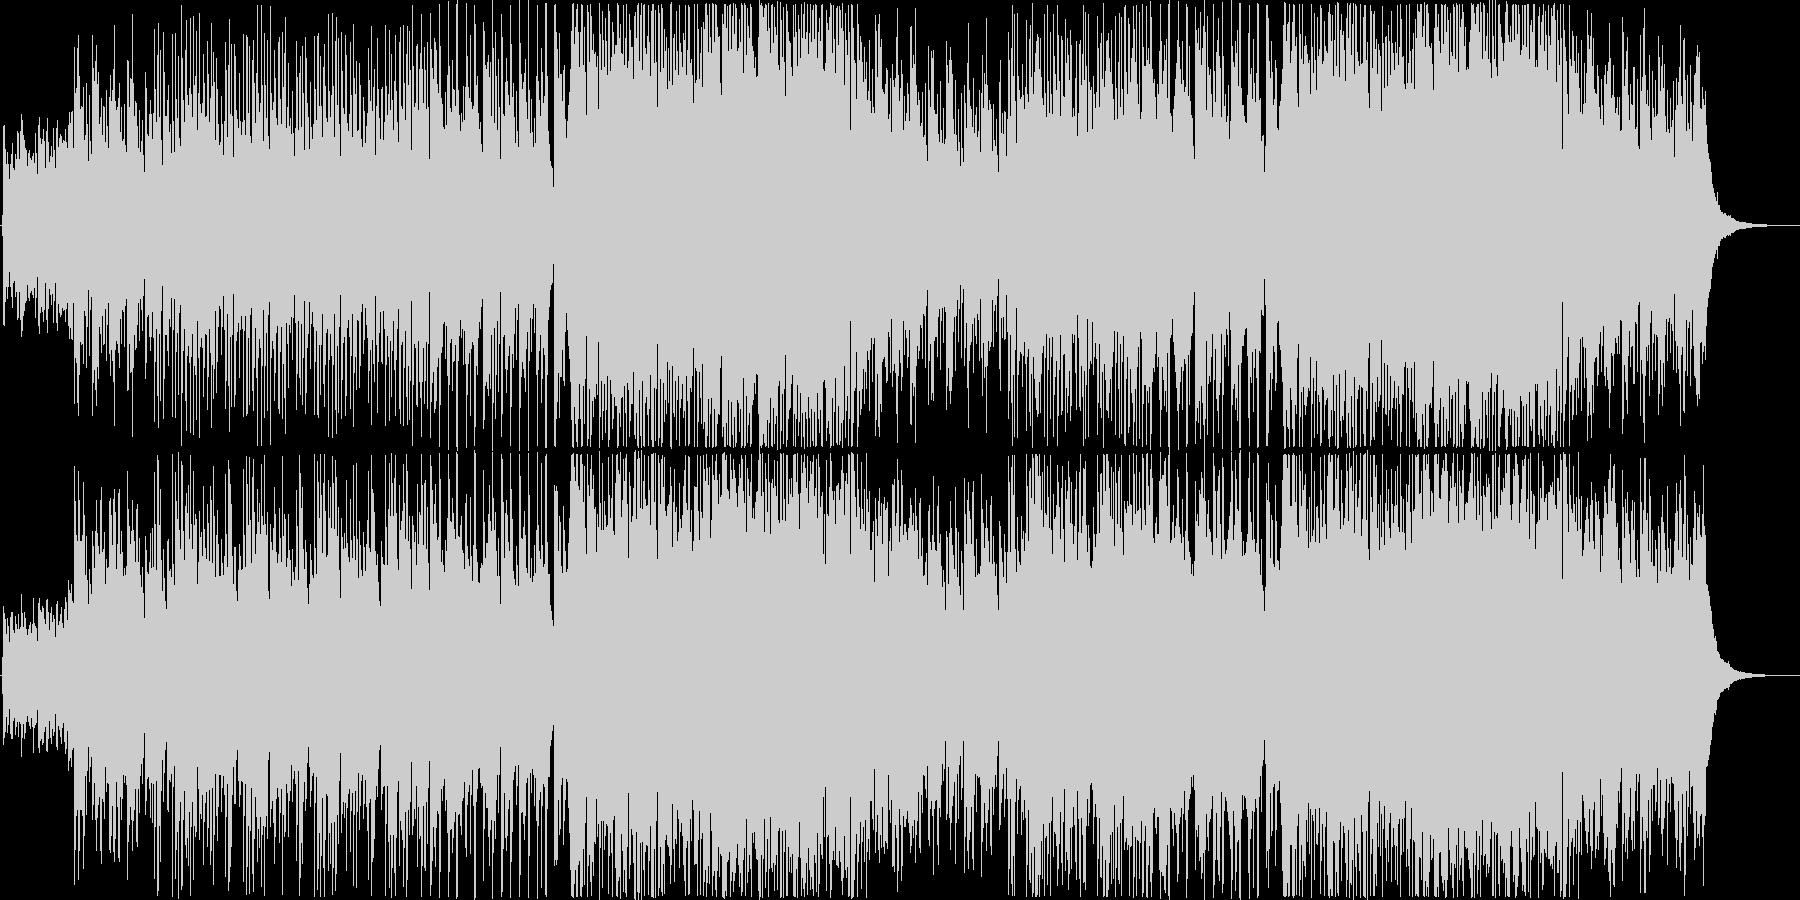 ピアノが煌びやかなジャズワルツの未再生の波形